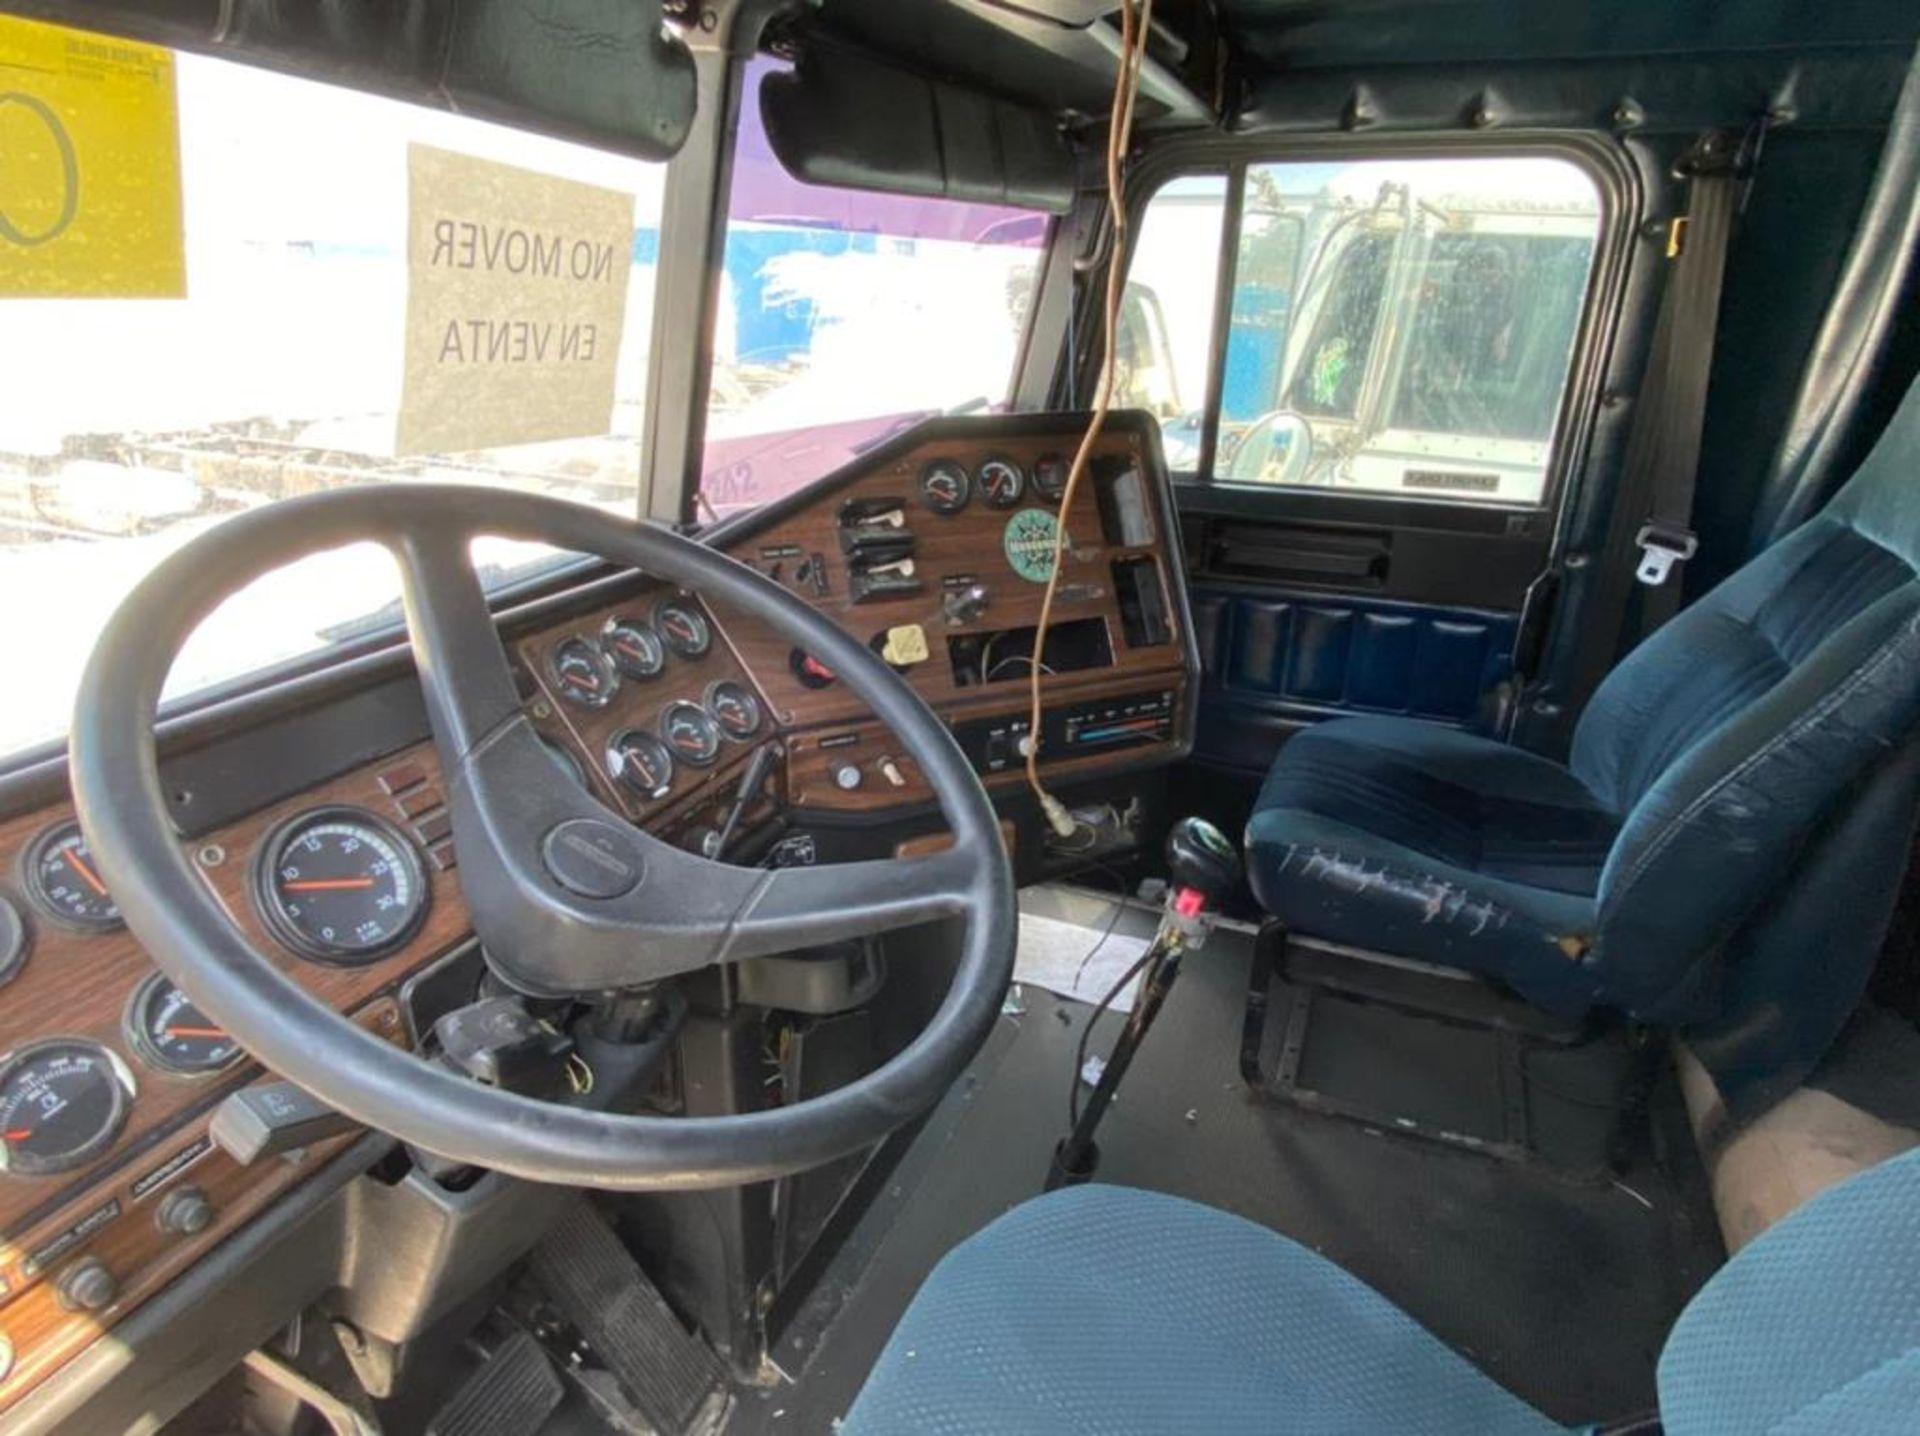 Tractocamión Marca FREIGHTLINER FLD-120, Modelo 1999 - Image 21 of 28